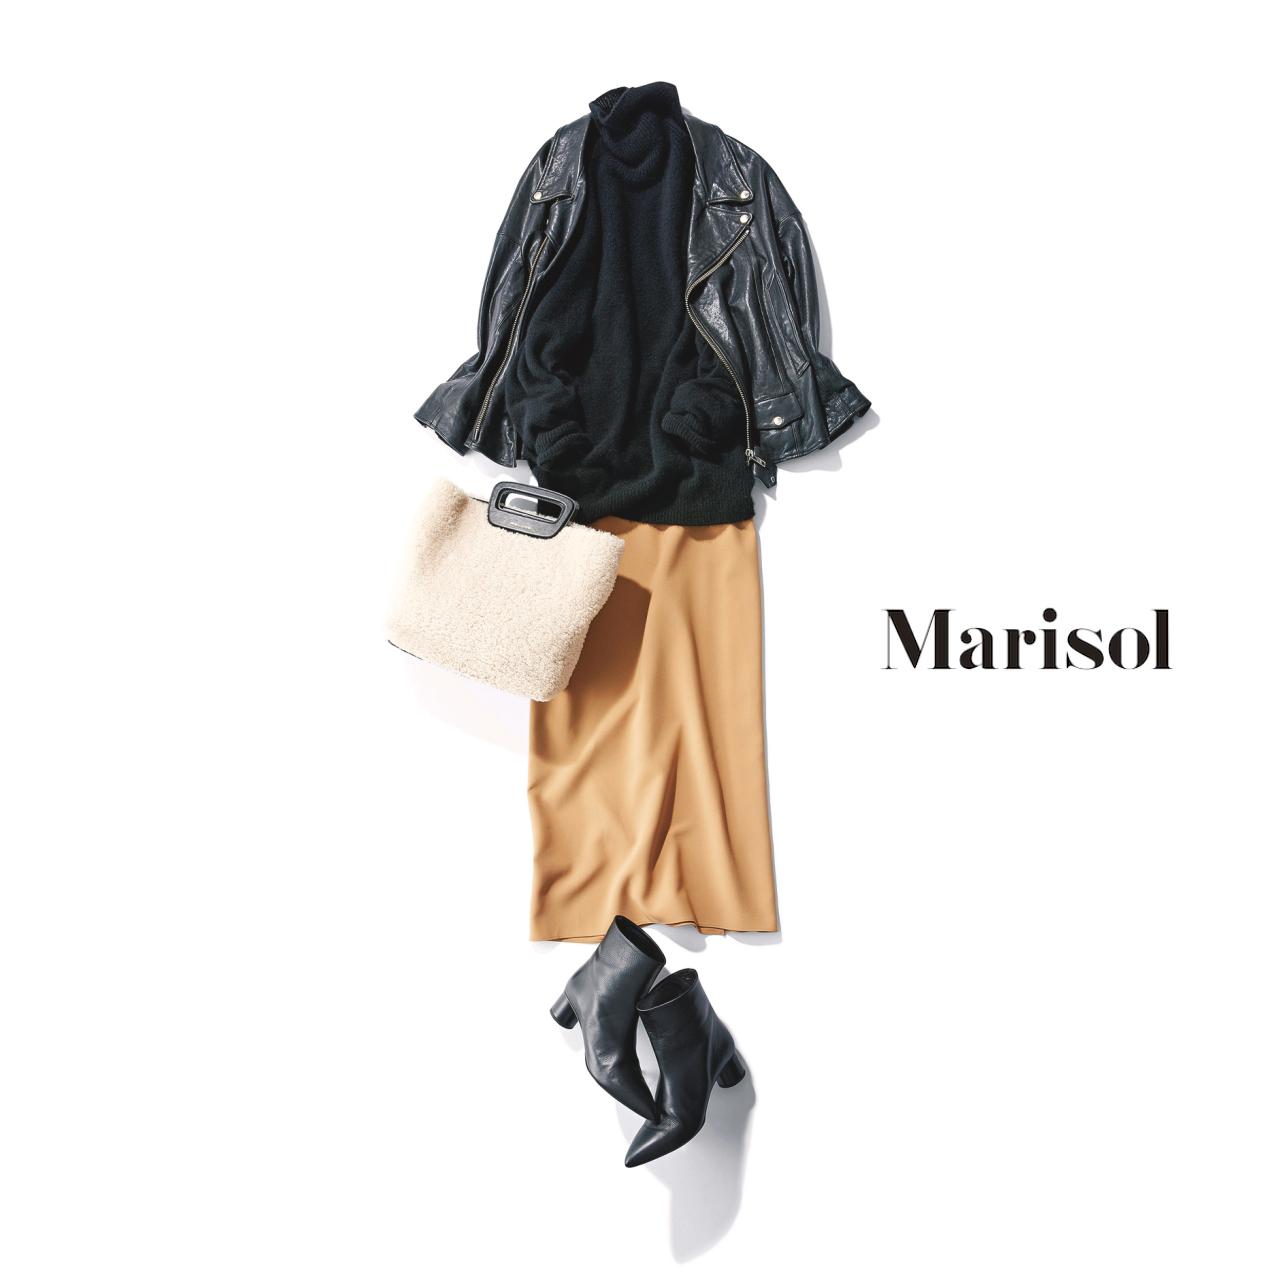 40代ファッション 黒タートルネックニット×レザーブルゾン×ロングスカートコーデ